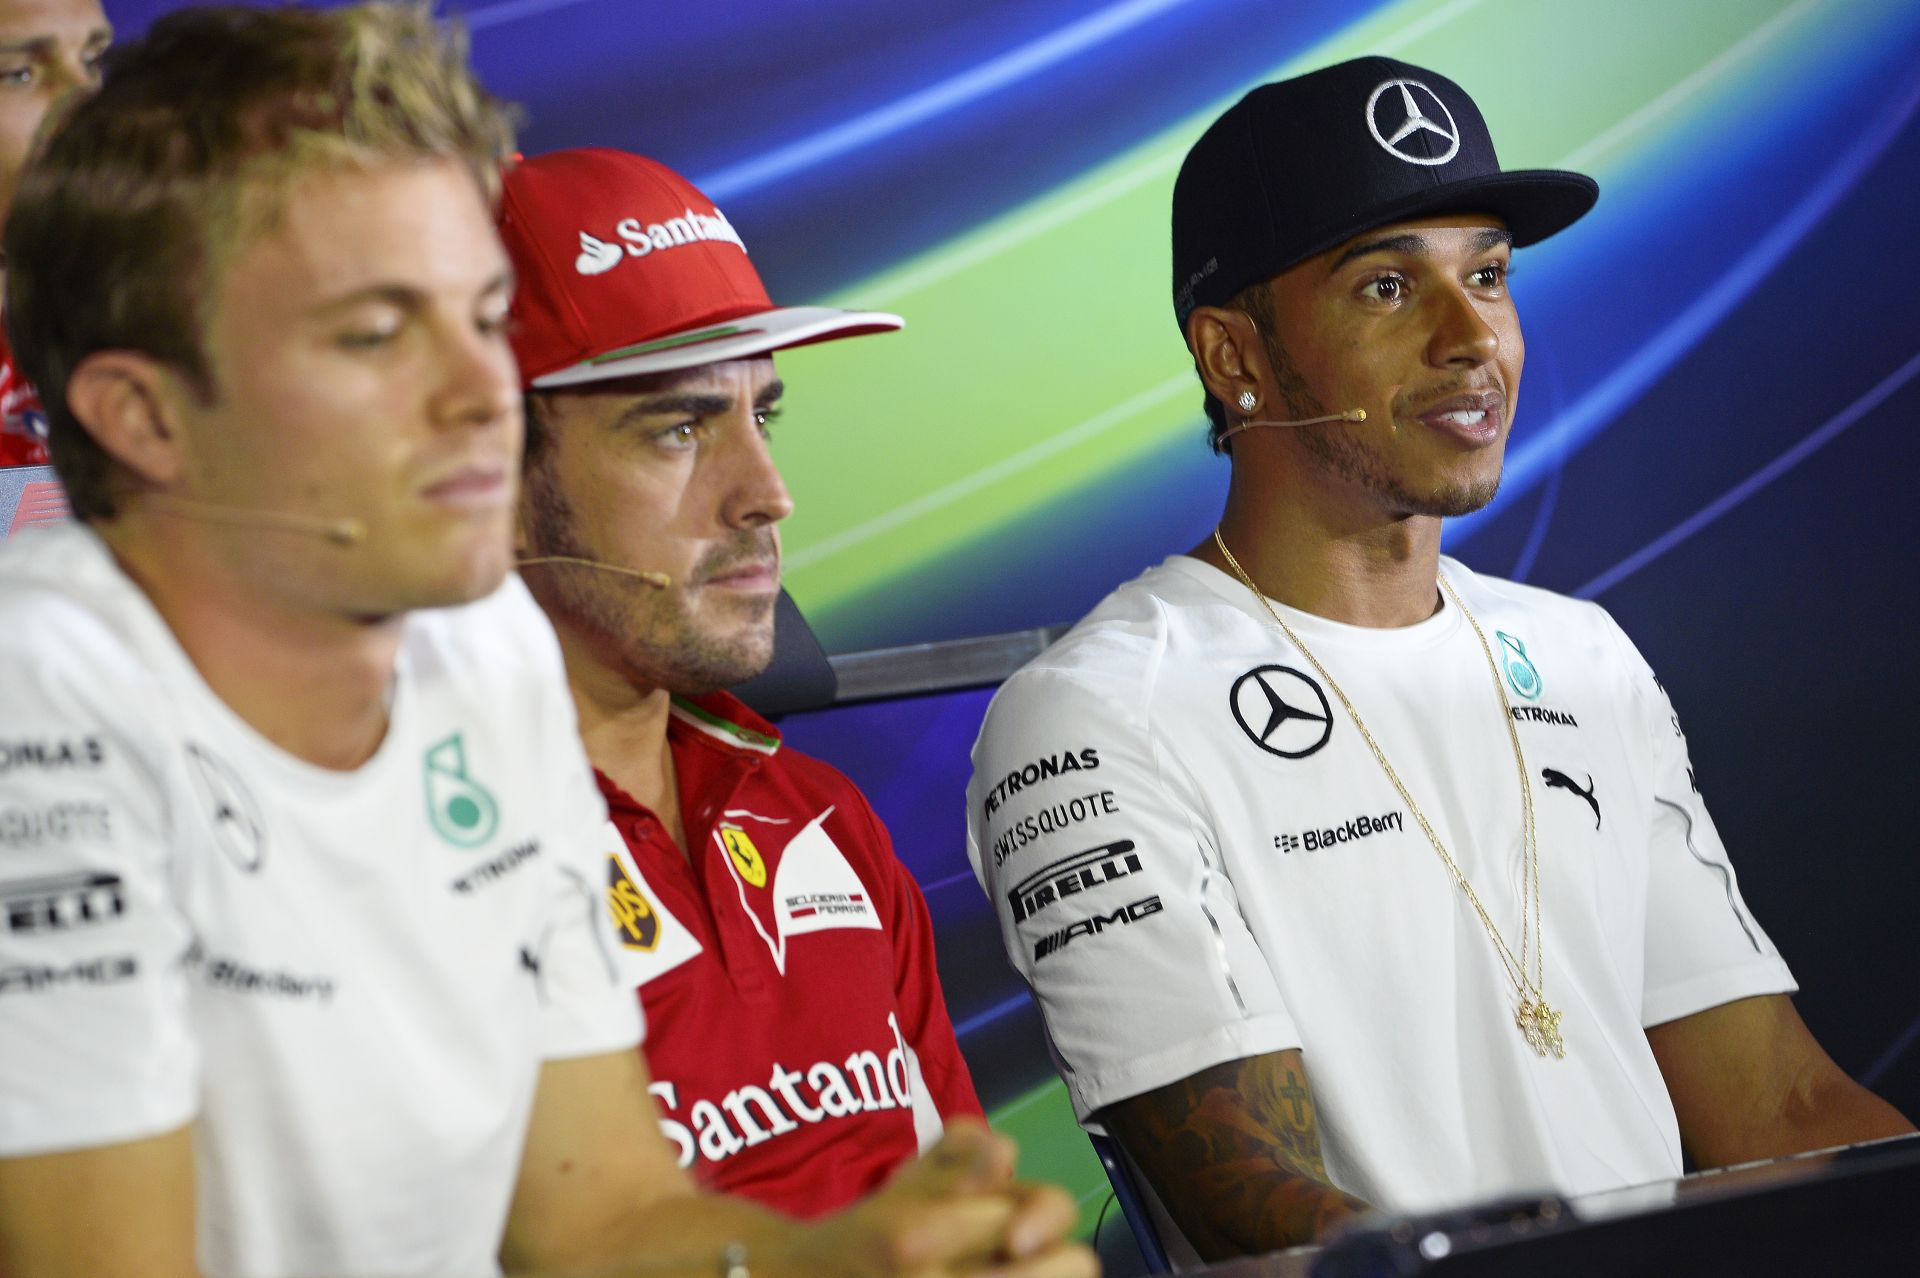 A Ferrari Hamiltont akarja, ha Alonso távozik?!